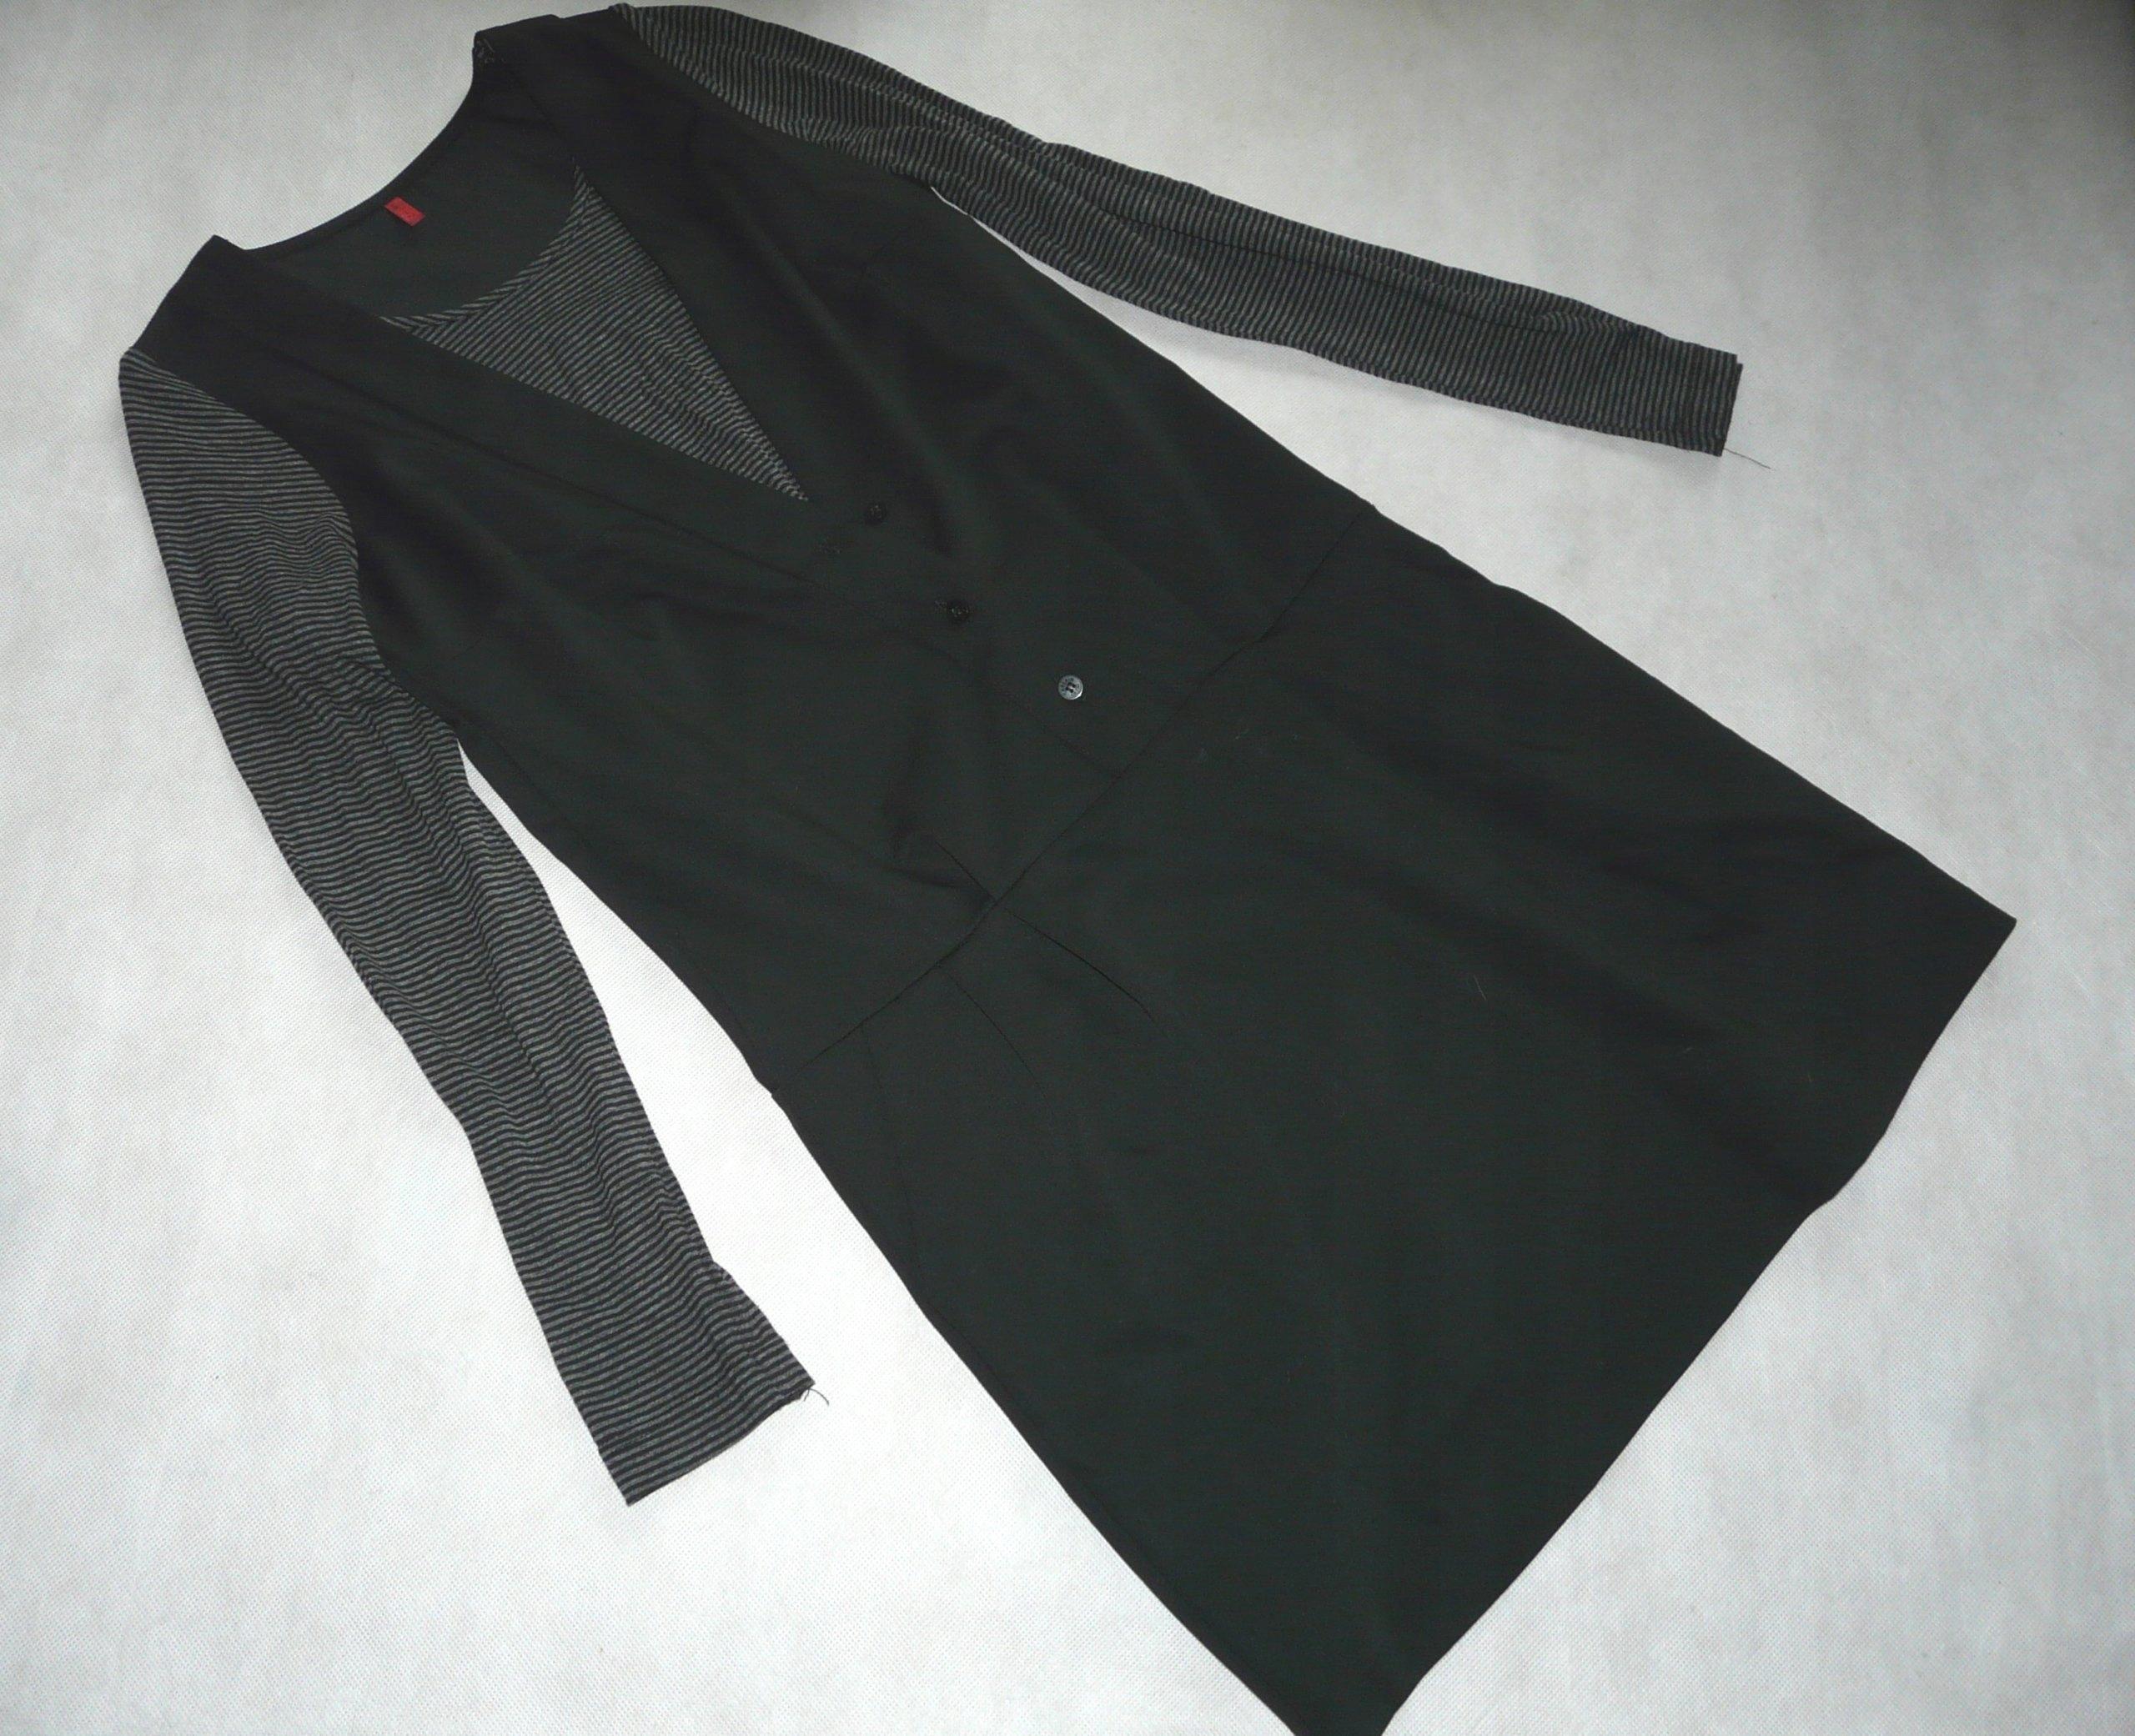 f9cd5dbf7b MISS CAPTAIN czarna sukienka minimalizm 34 - 7601086724 - oficjalne ...